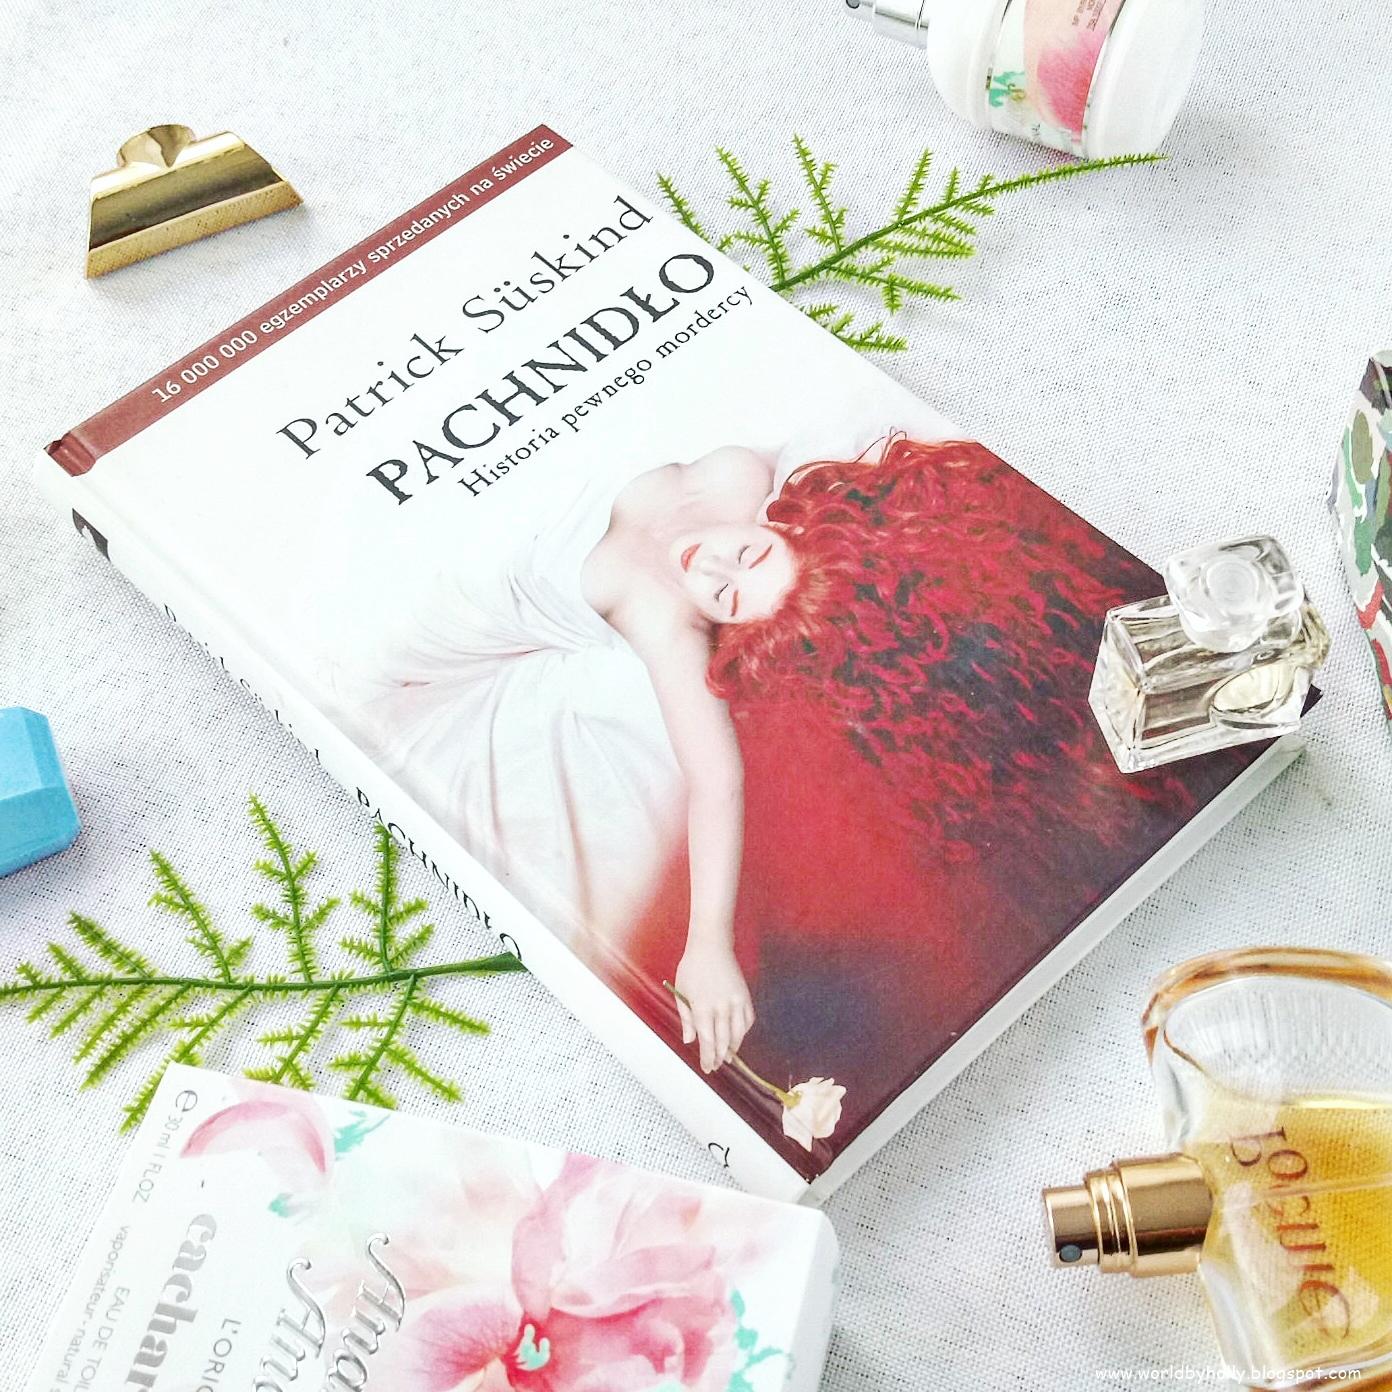 co czytać, co warto przeczytać, szukam ciekawej książki, thriller, ciekawa książka, ciekawa książka